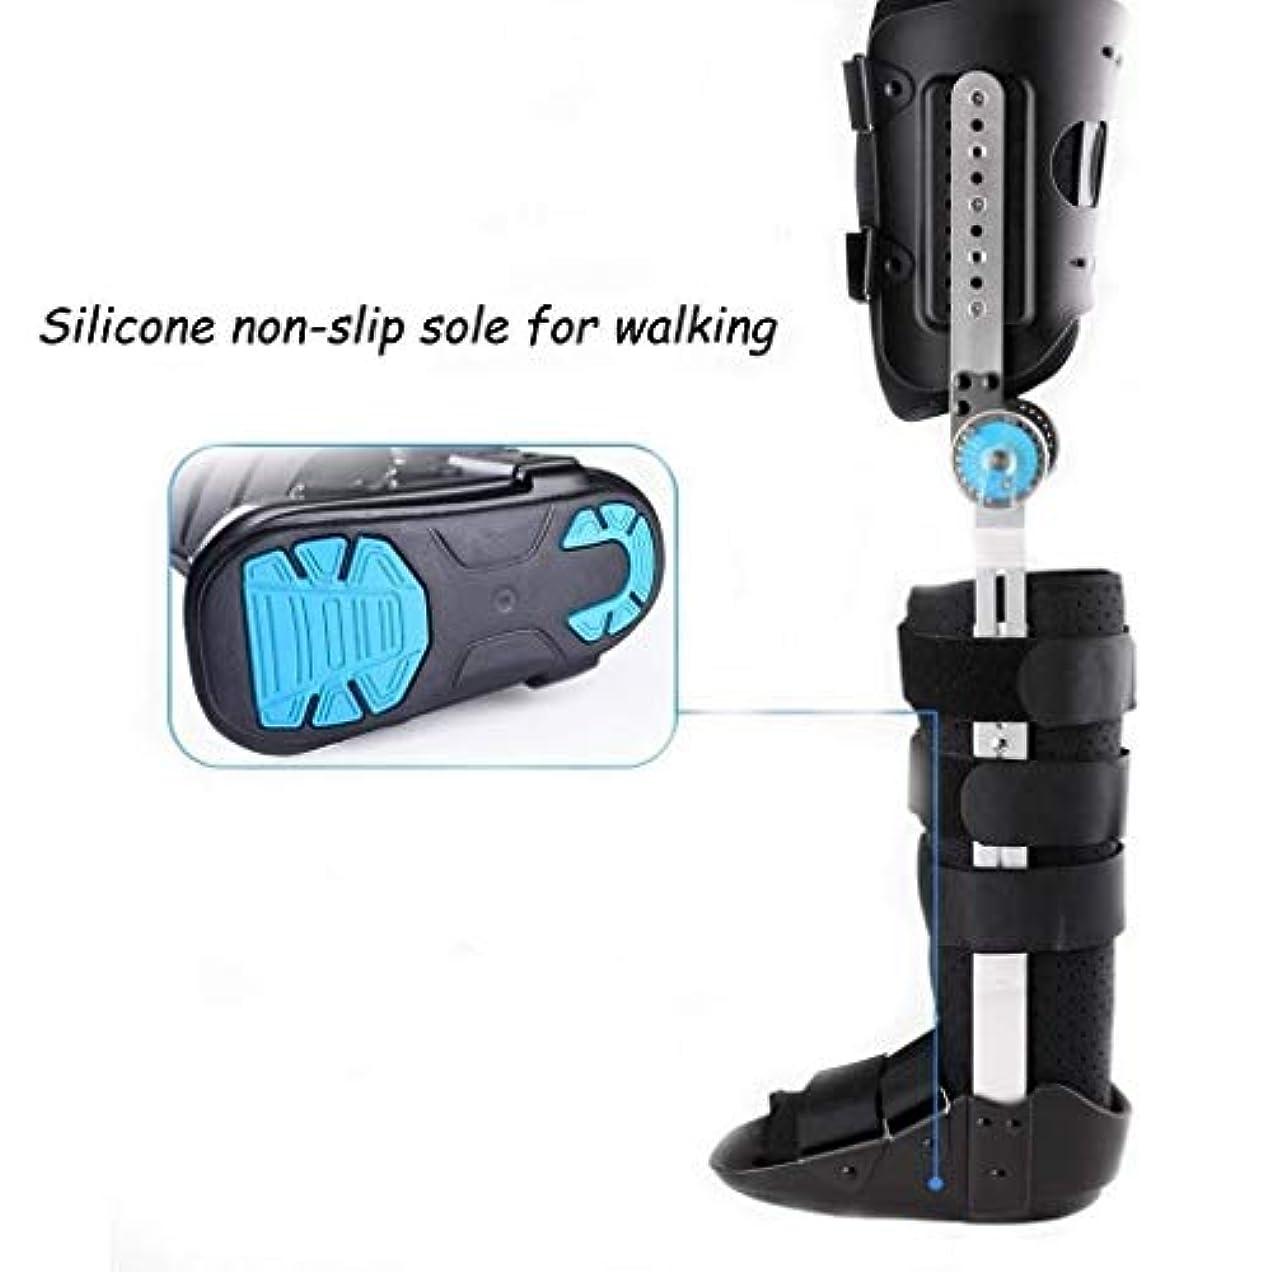 ライフル戸棚ランドマーク膝ブレースヒンジ付きヒンジスタビライザー膝関節サポート装具靭帯ケア膝ブレースプロテクター関節炎、術後、メニスカスティア、ACL、MCL、PCL (Color : As Picture, Size : Right-M)